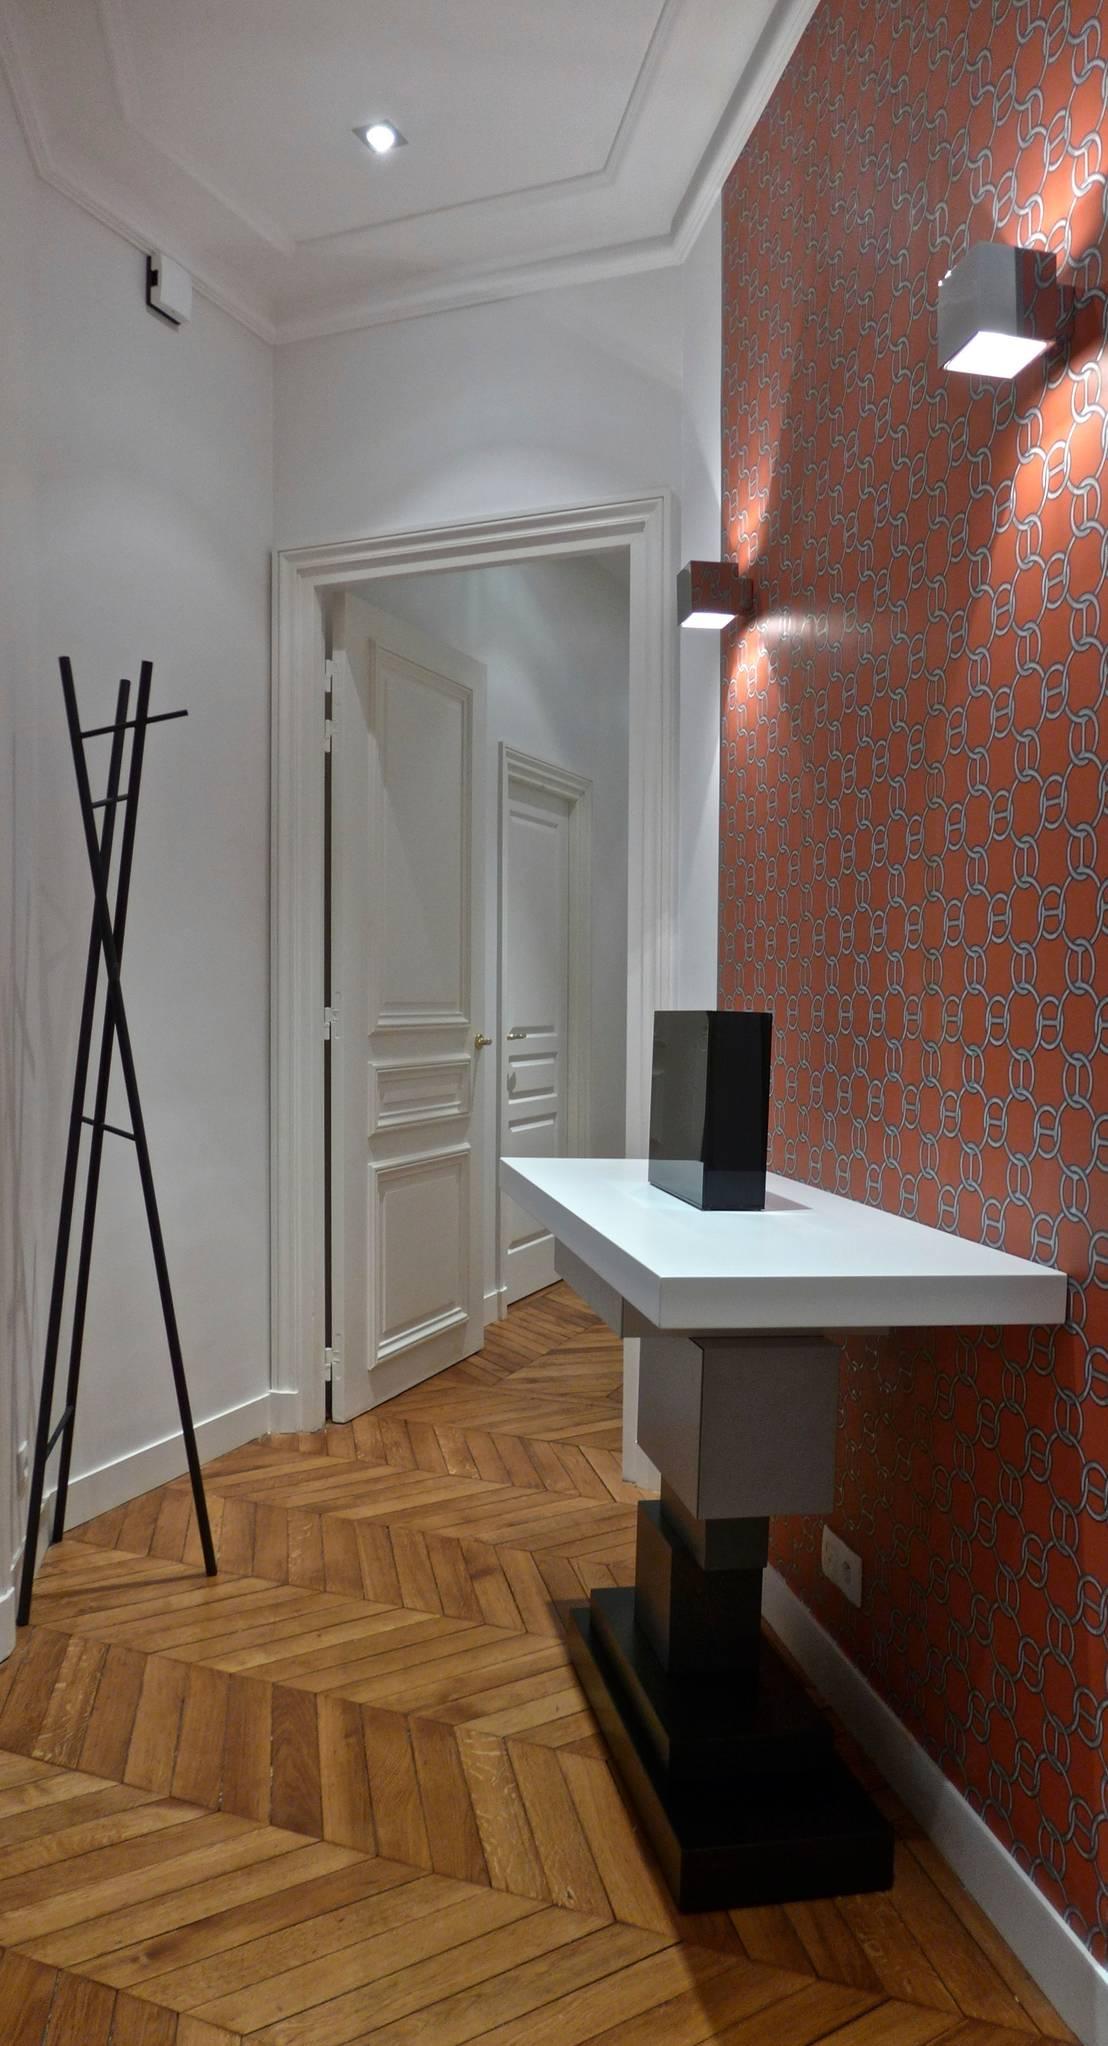 d coration d 39 un appartement haussmannien paris de fella despres d coration d 39 int rieur homify. Black Bedroom Furniture Sets. Home Design Ideas